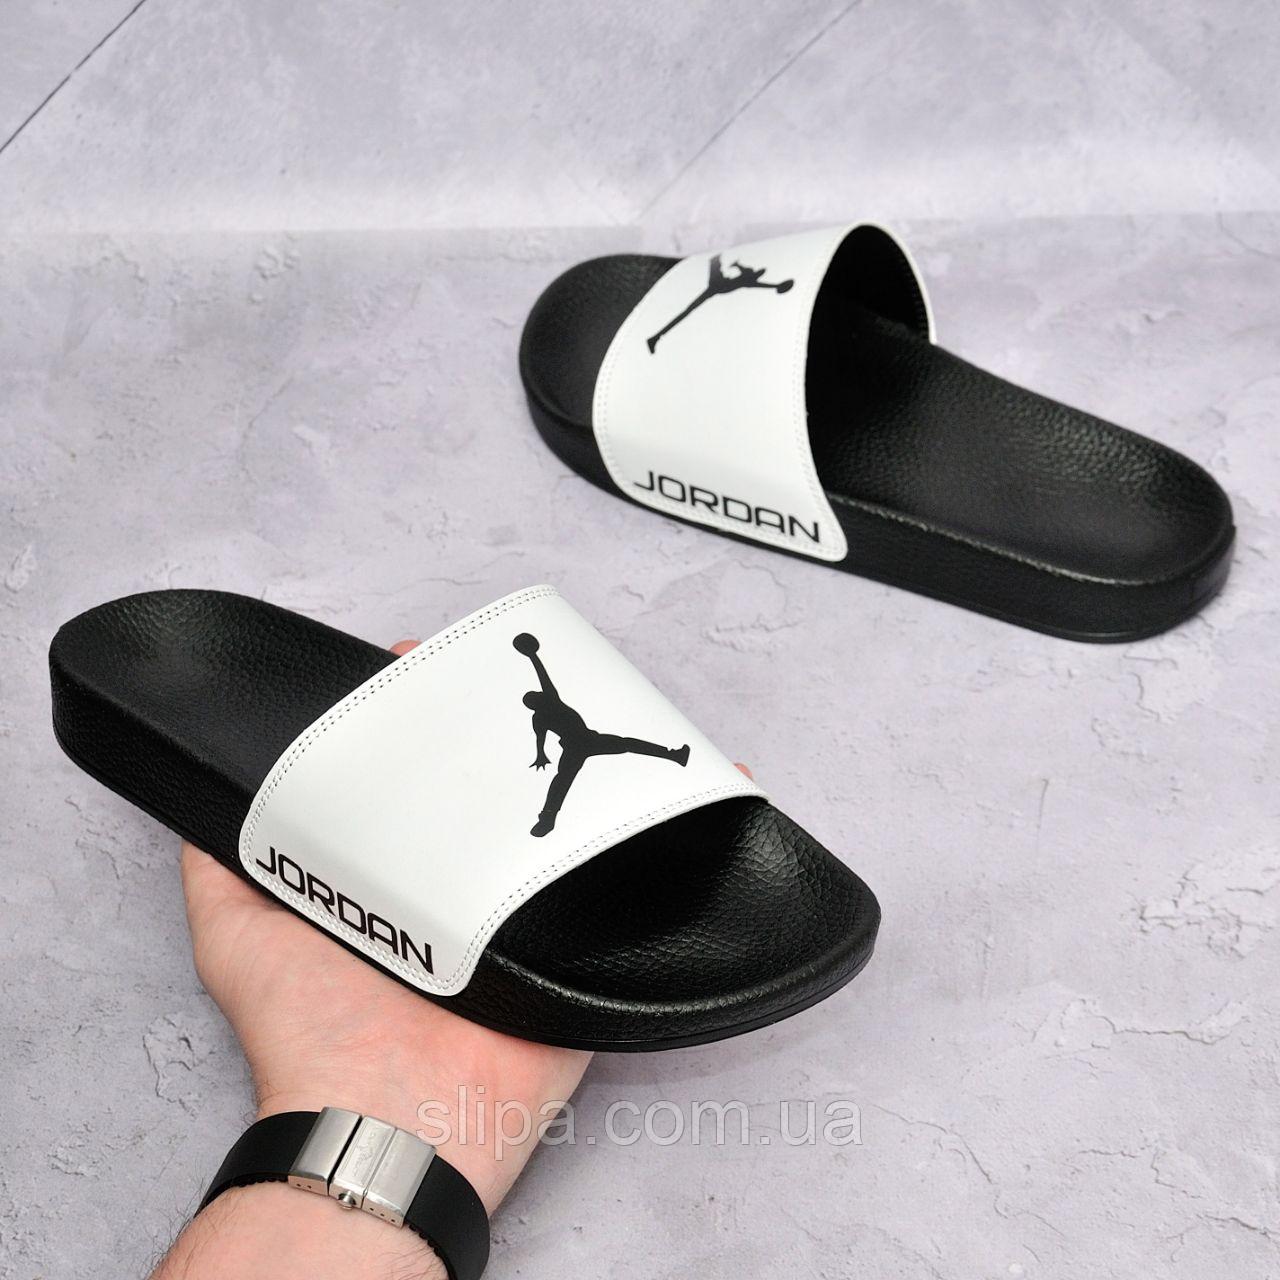 Белые кожаные шлёпки Jordan на чёрной подошве | натуральная кожа + термополиуретан